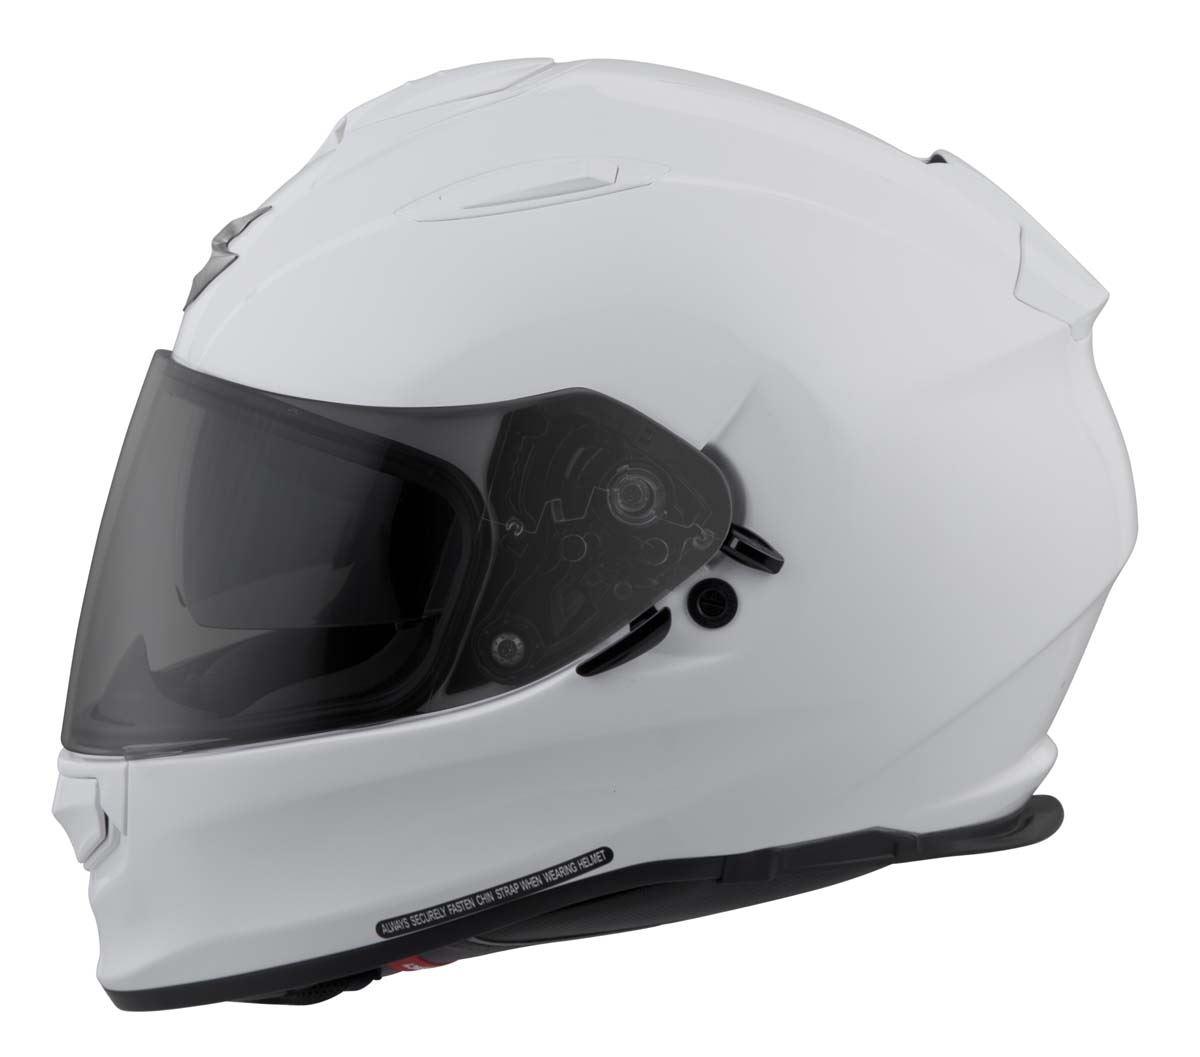 Scorpion-EXO-T510-Helmet-Full-Face-DOT-Approved-Inner-Sun-Shield miniature 13